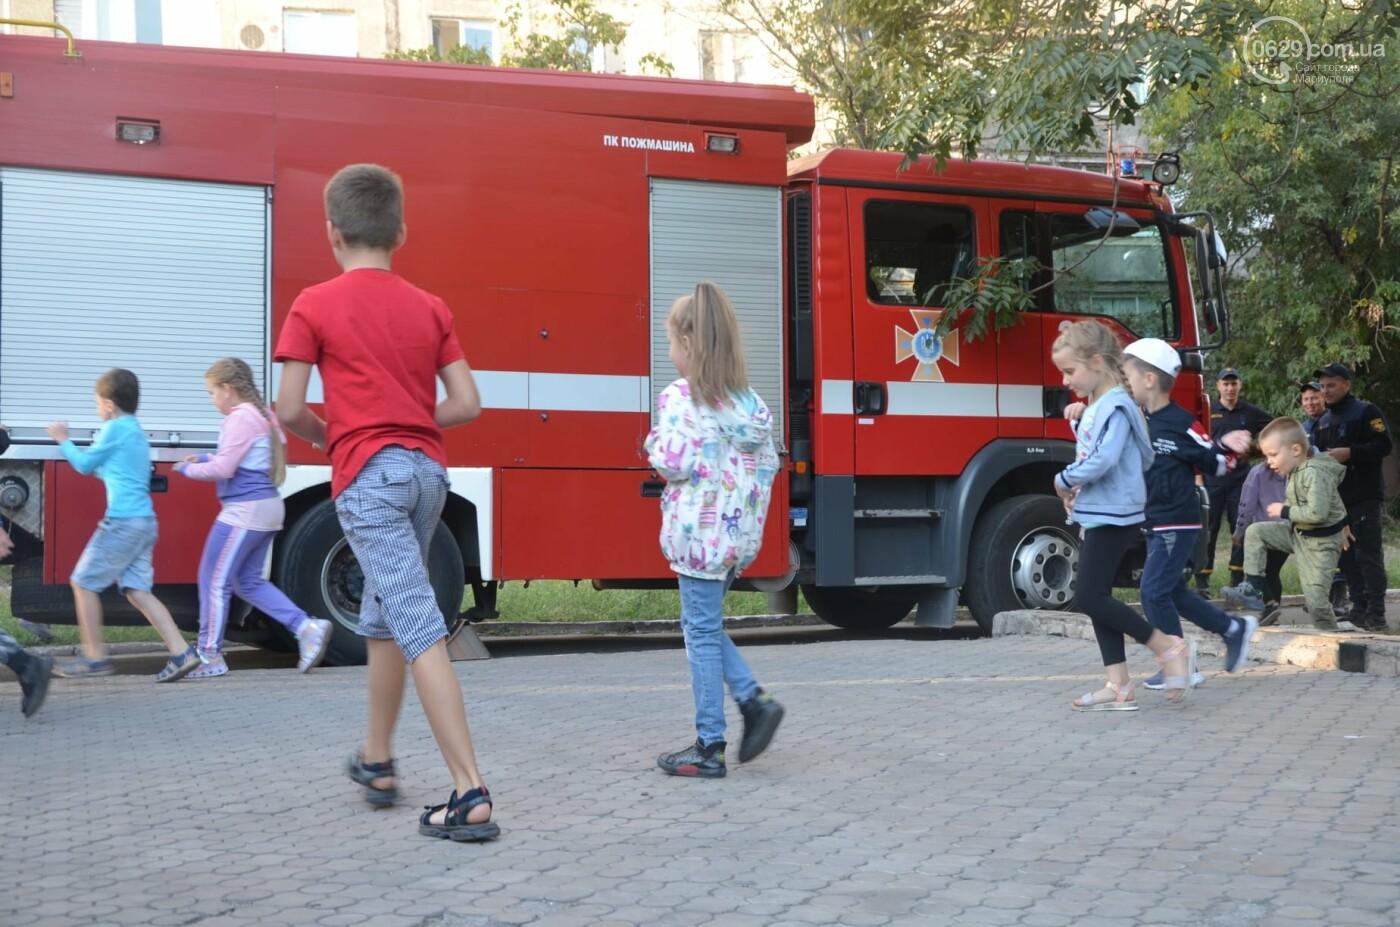 В Мариуполе отпраздновали День двора на пожарной машине, - ФОТО, фото-9